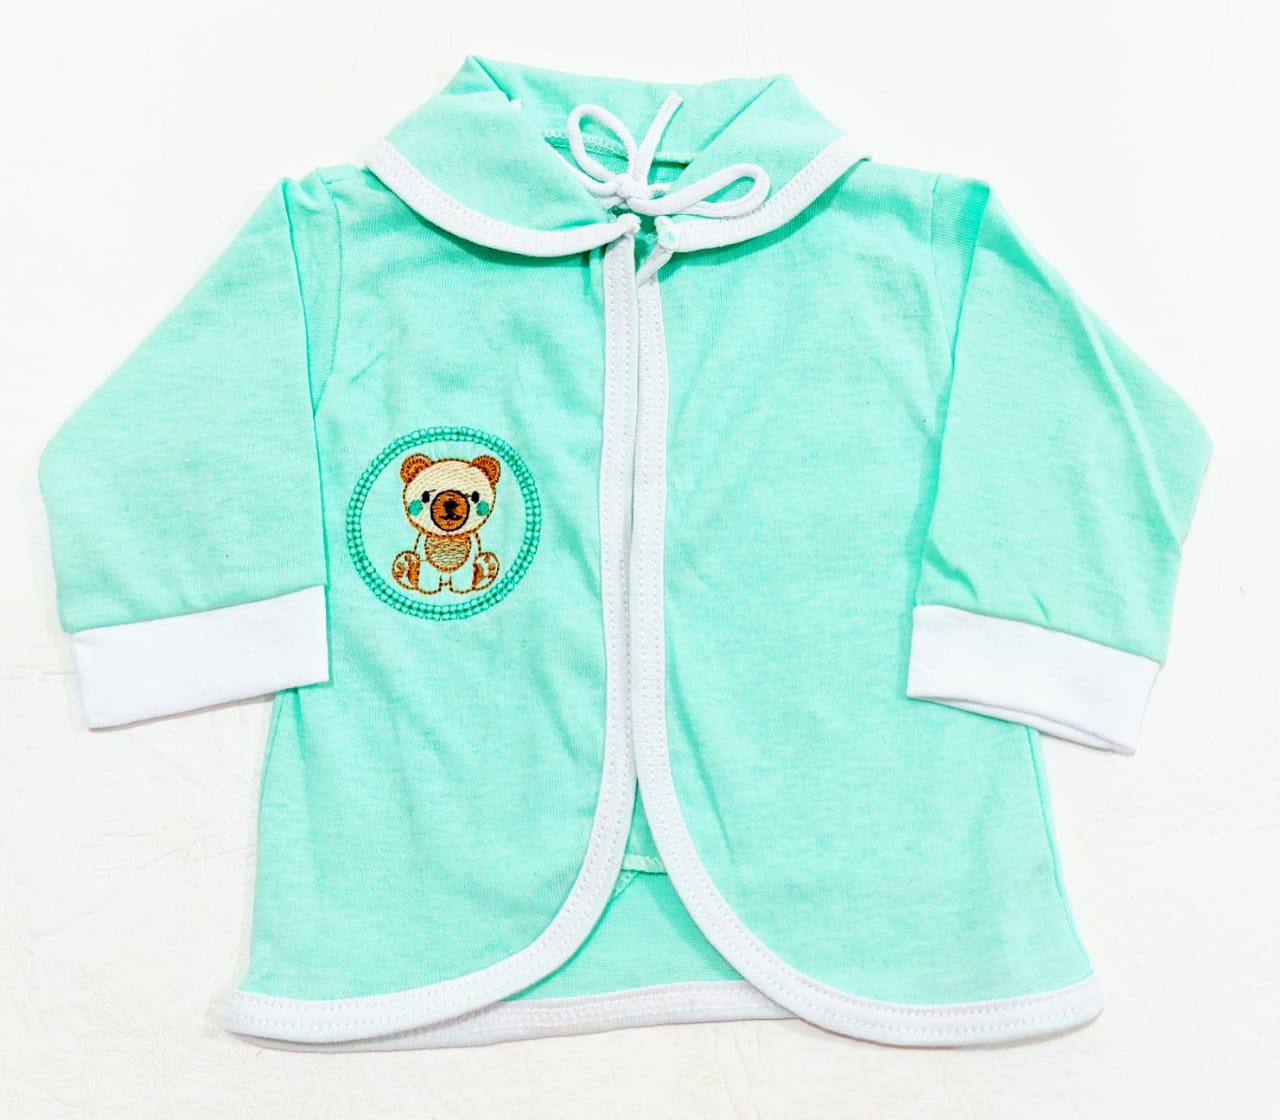 Conjunto Pagão Verde - Camiseta, Casaquinho e Mijão - 03 Peças - Recém Nascido - 100% Algodão - Cia do Bebê